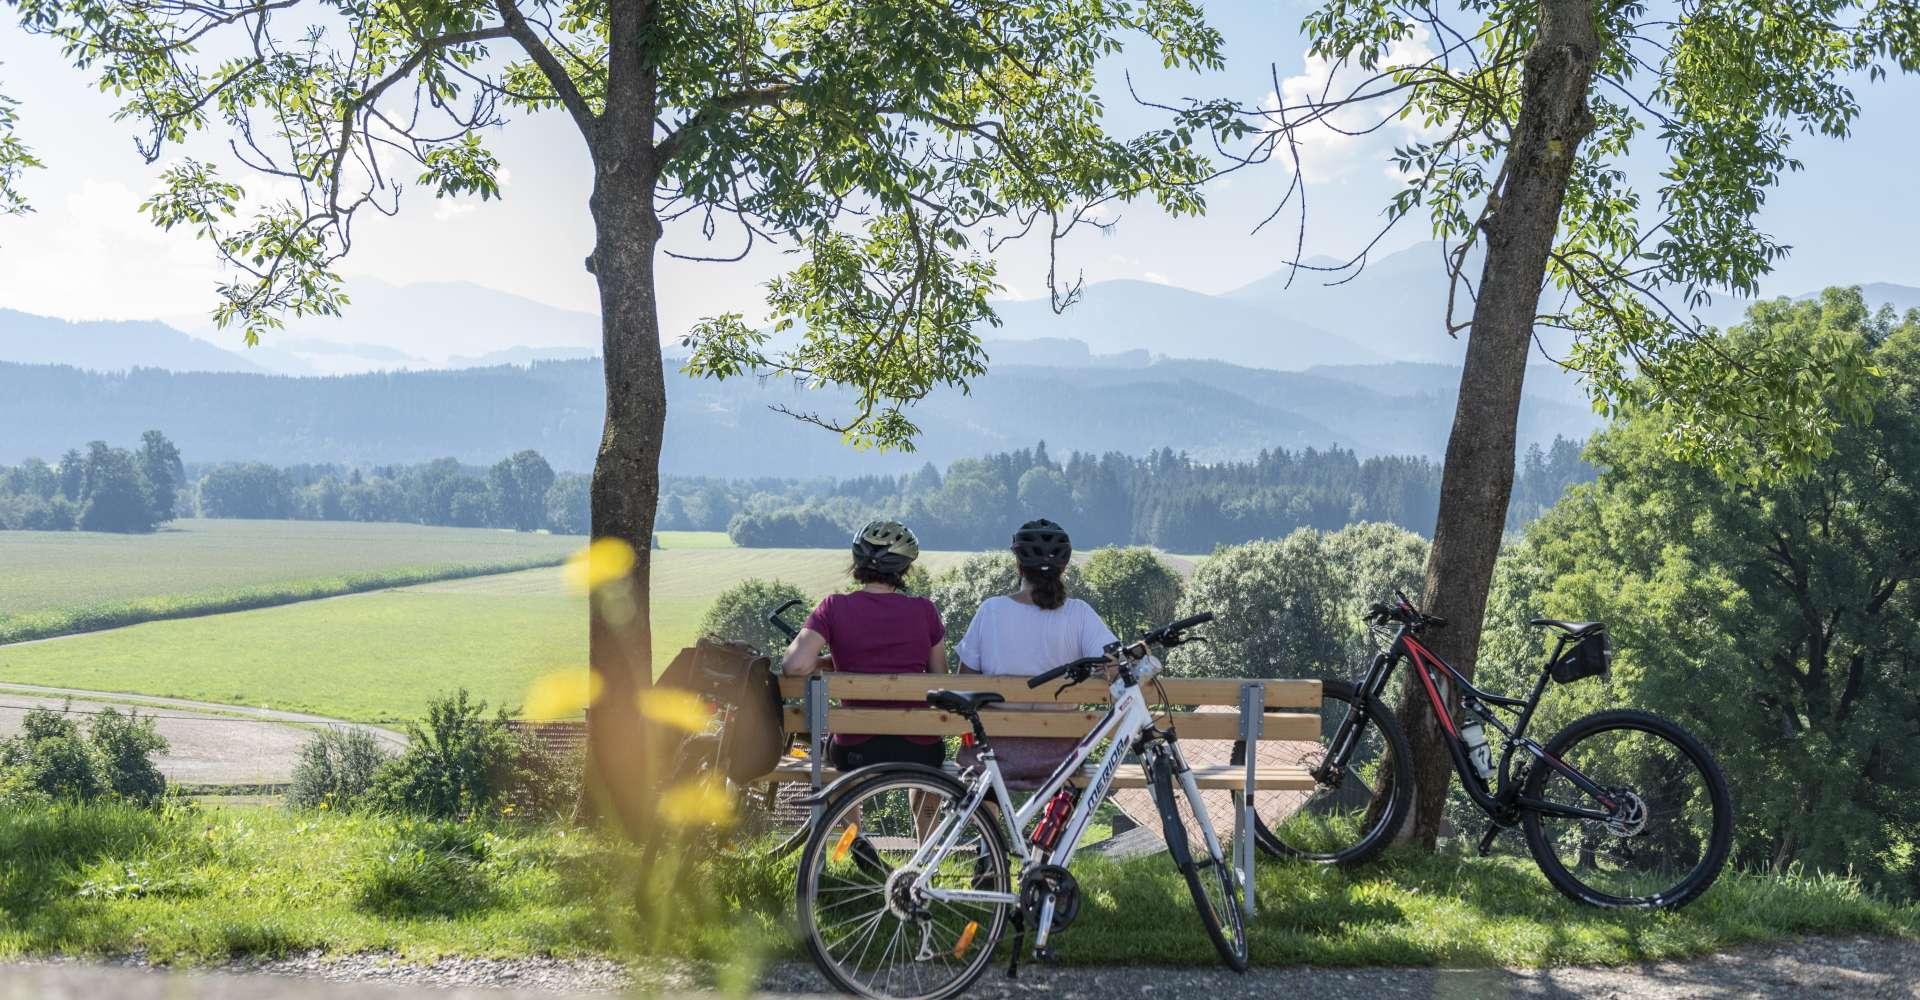 <p>Eine kurze Pause bei einer Radtour auf der Bank mit einem herrlichen Blick ins Tal im Ort Spielberg.</p> Copyright: